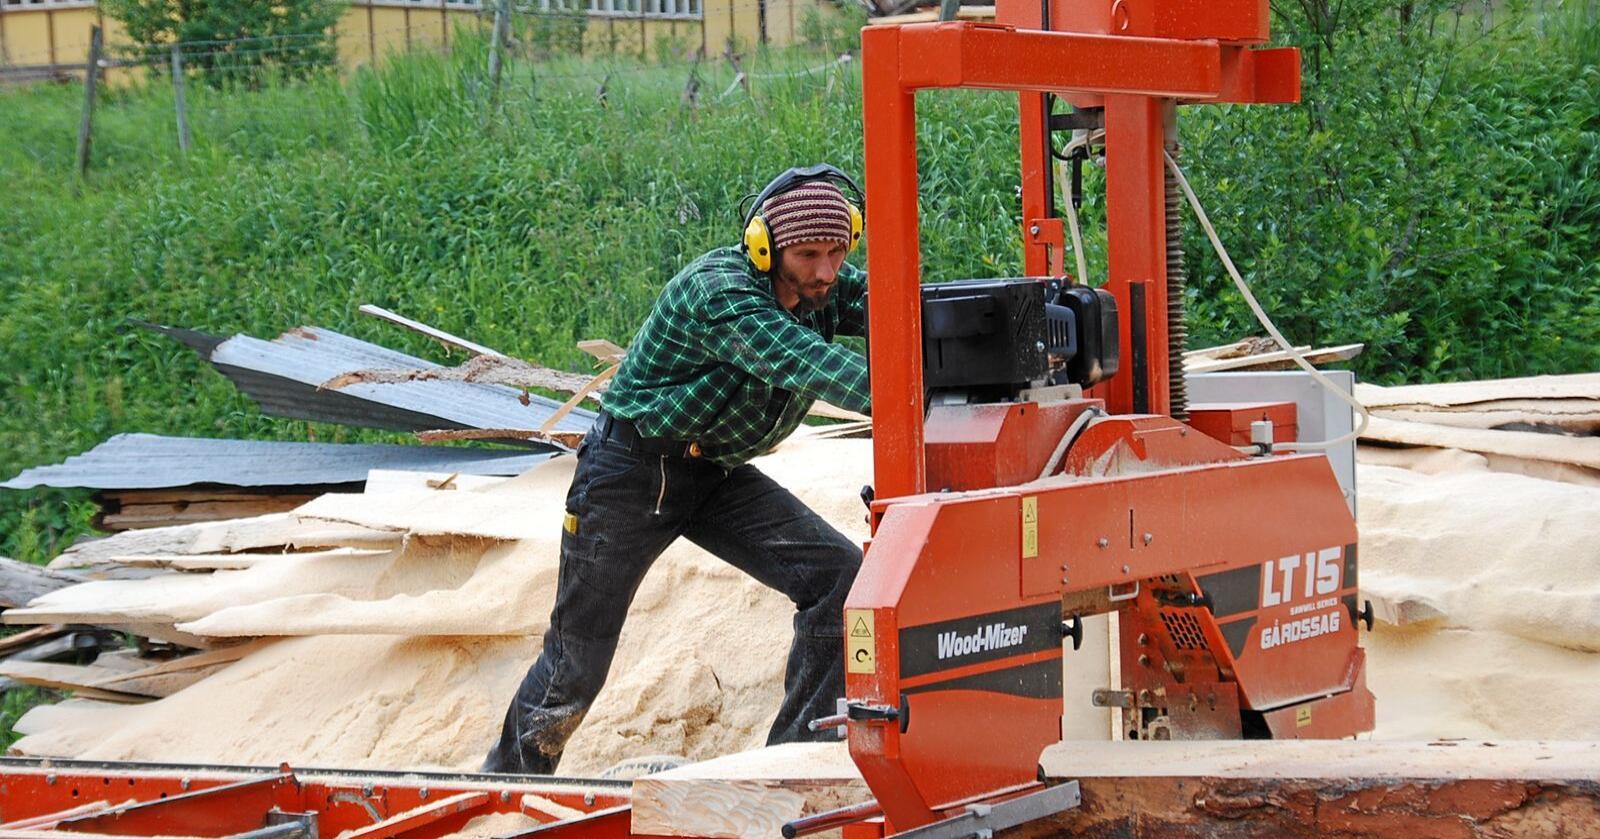 Når det skal skapes nye, grønnere arbeidsplasser for framtida er det nødvendig også ed gammel håndverkskunnskap og kompetanse på bygningstradisjoner. Foto: Lars Kristian Steen